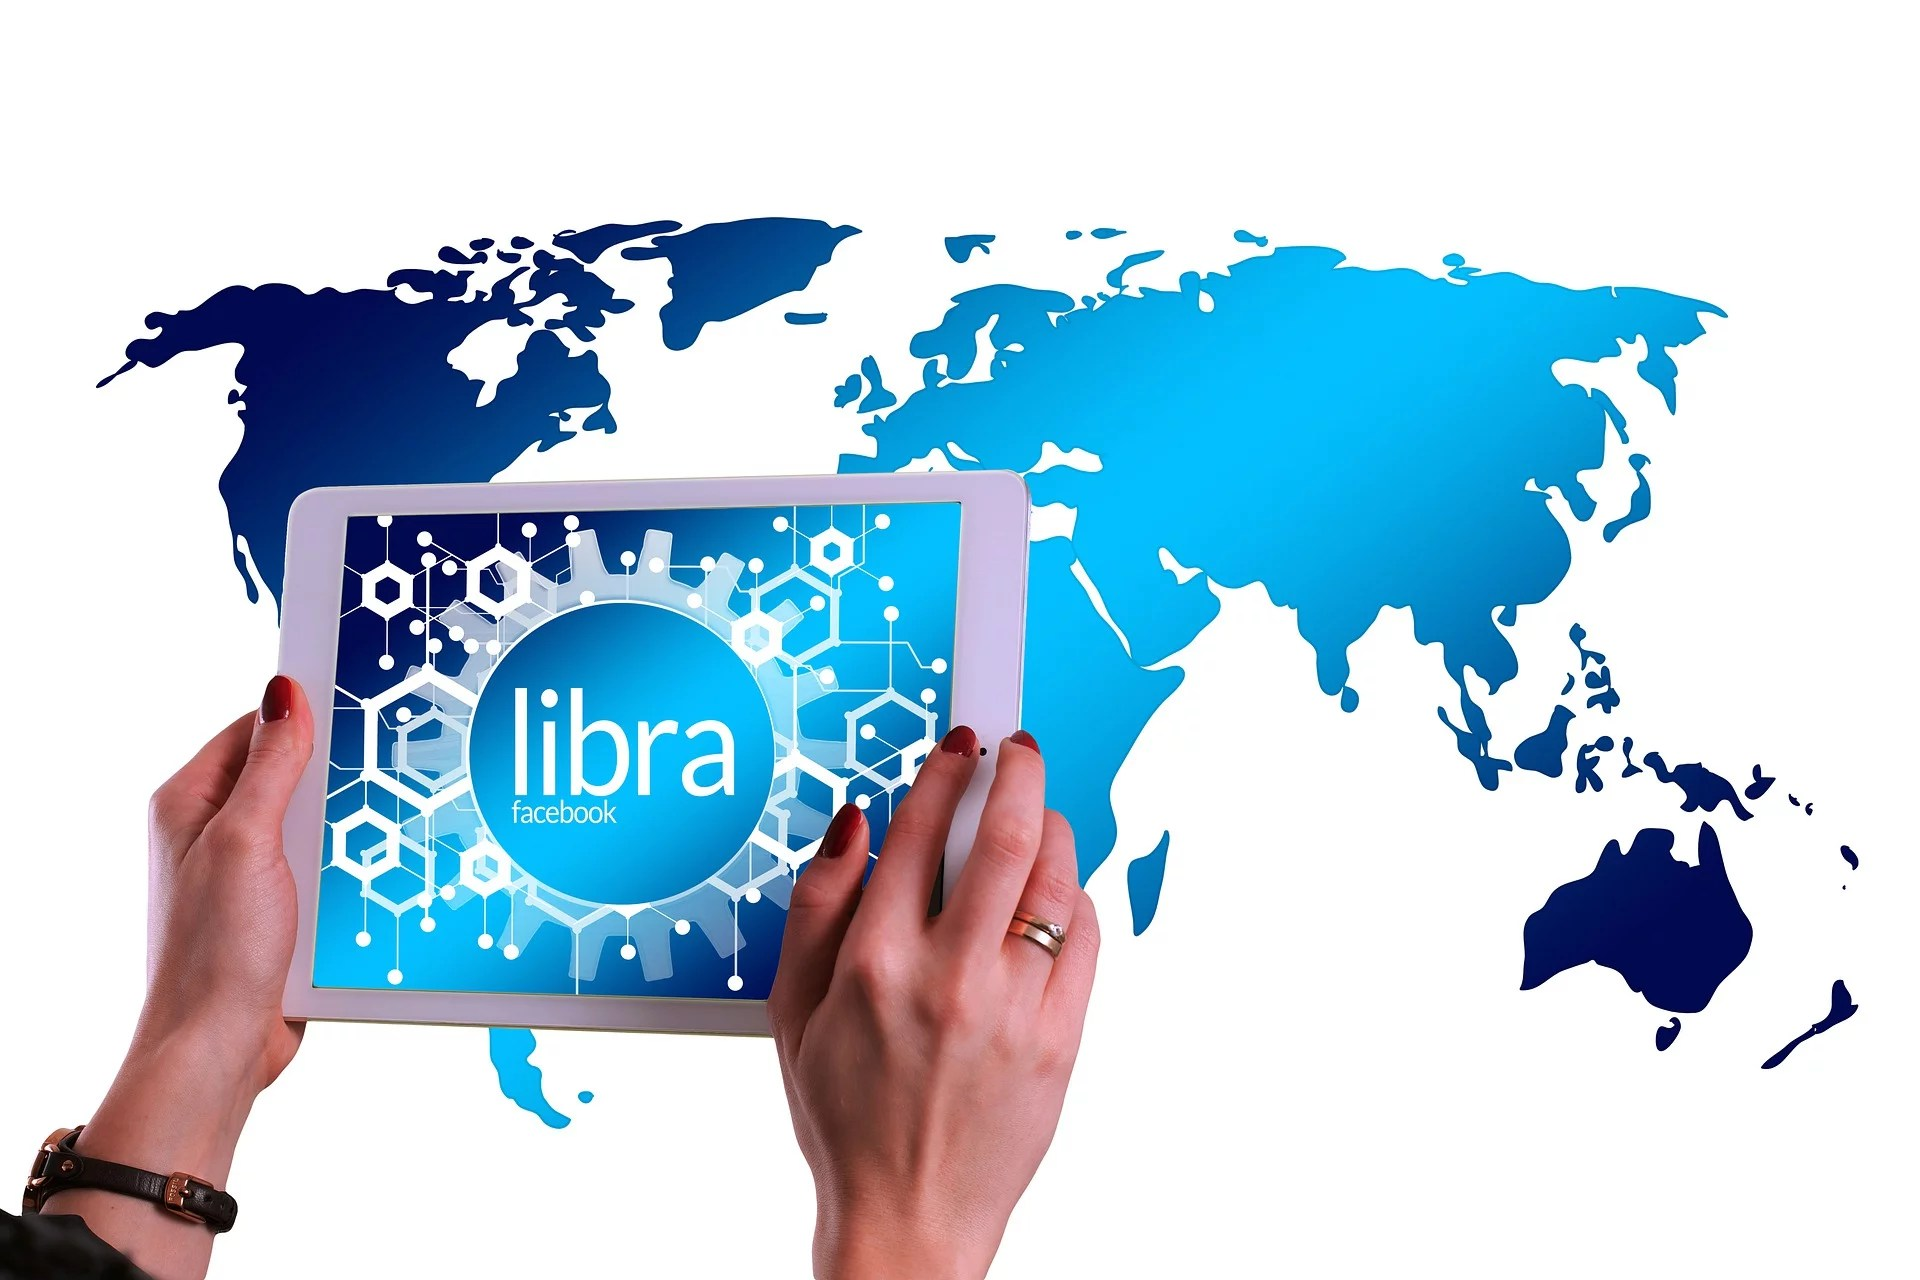 Singapur discute sobre Facebook Libra y sus beneficios o problemas que puede traer